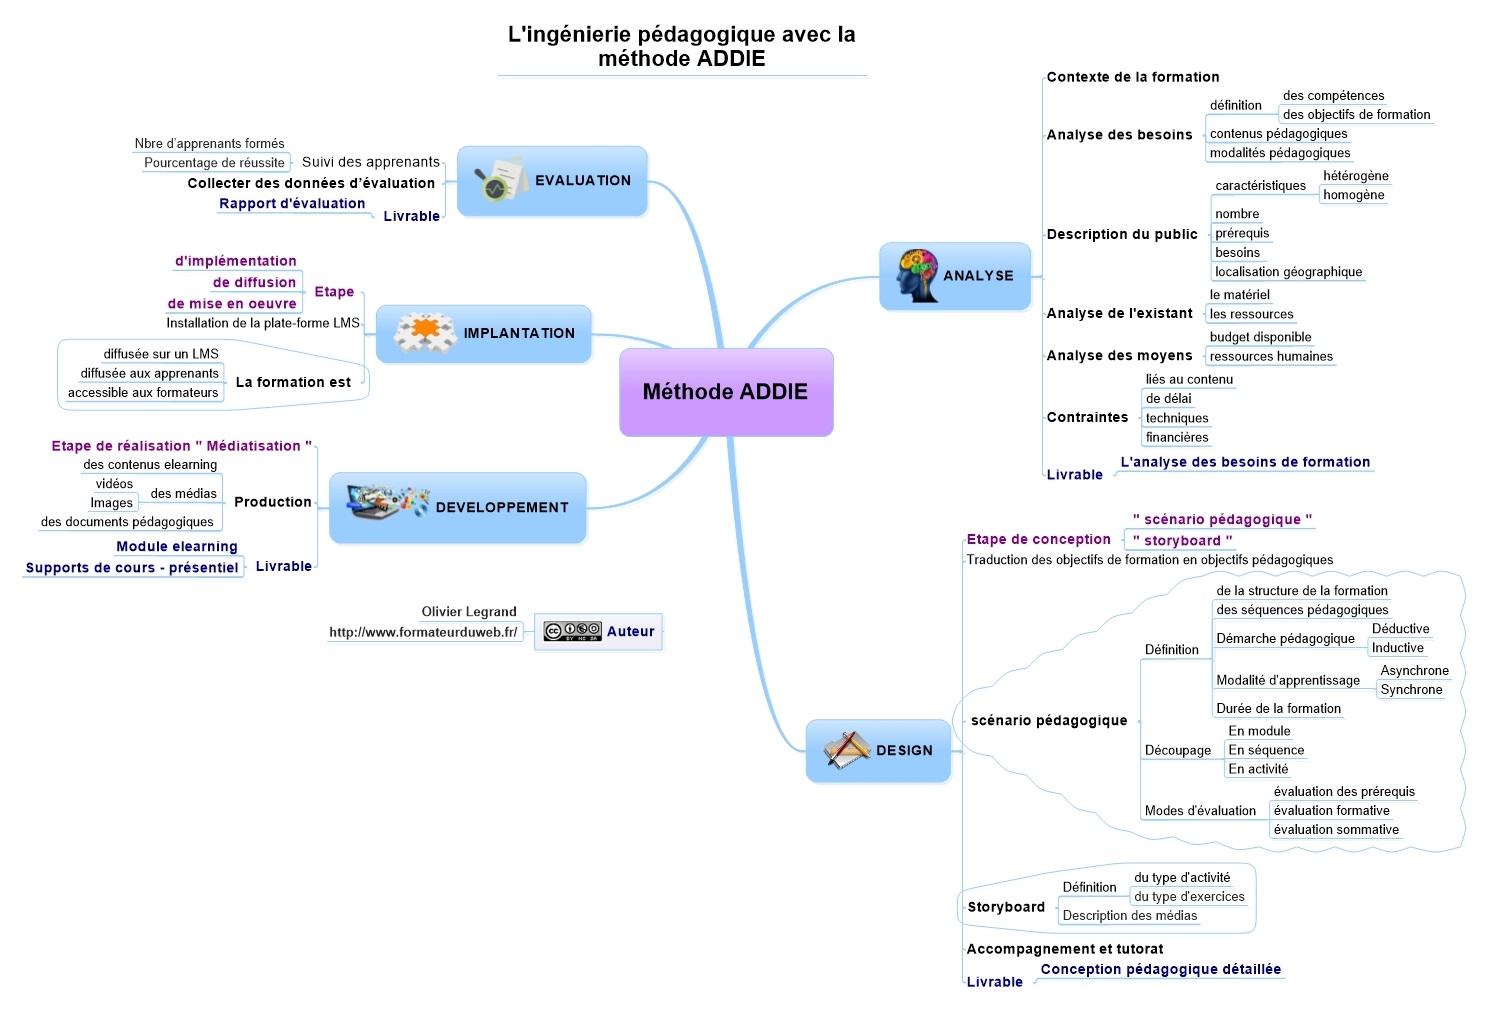 L Ingenierie Pedagogique Et La Methode Addie Conference De Sylvie